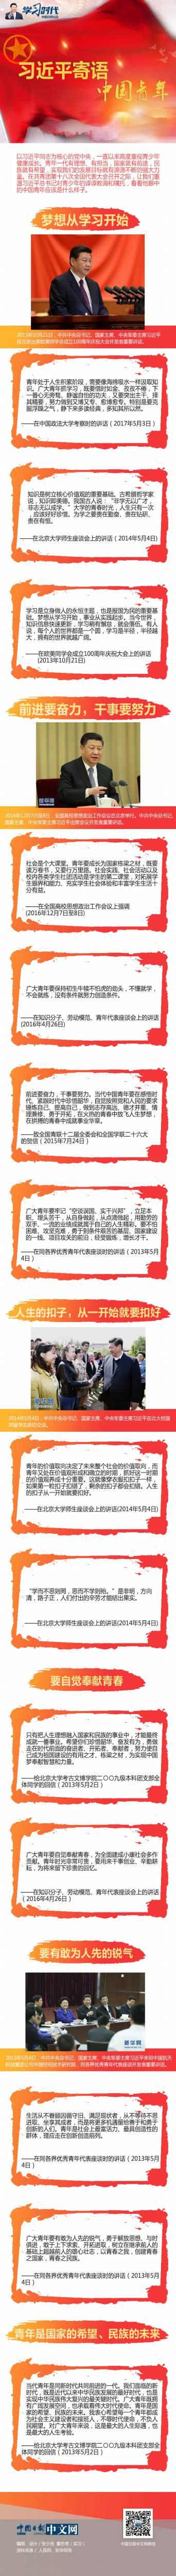 2017重庆时时彩规律:习近平寄语中国青年